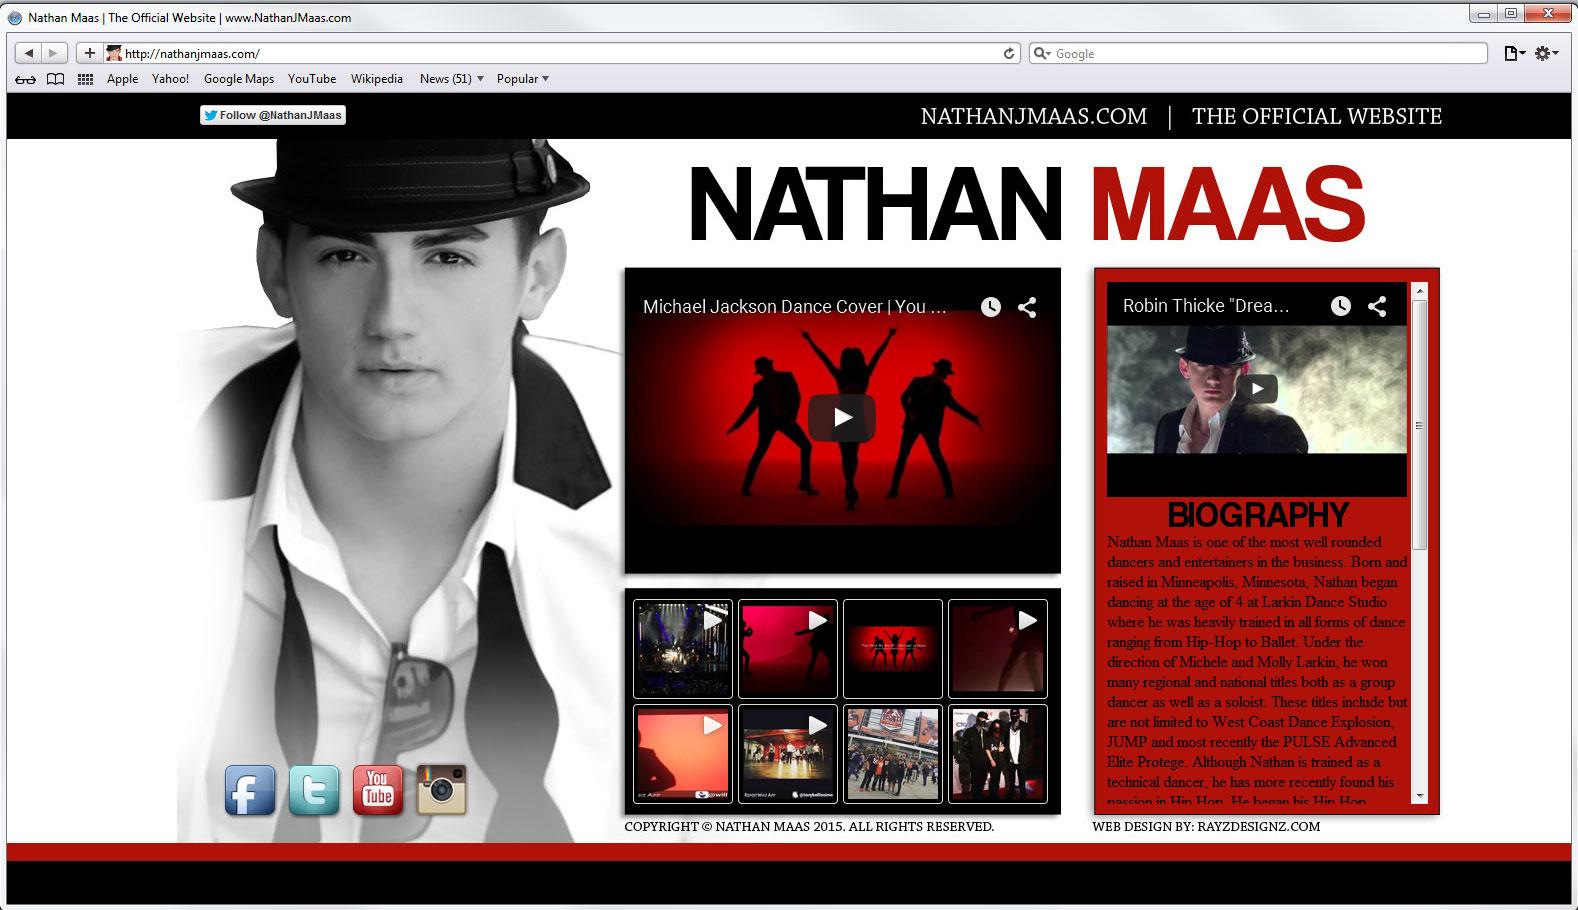 nmaas_websitecap